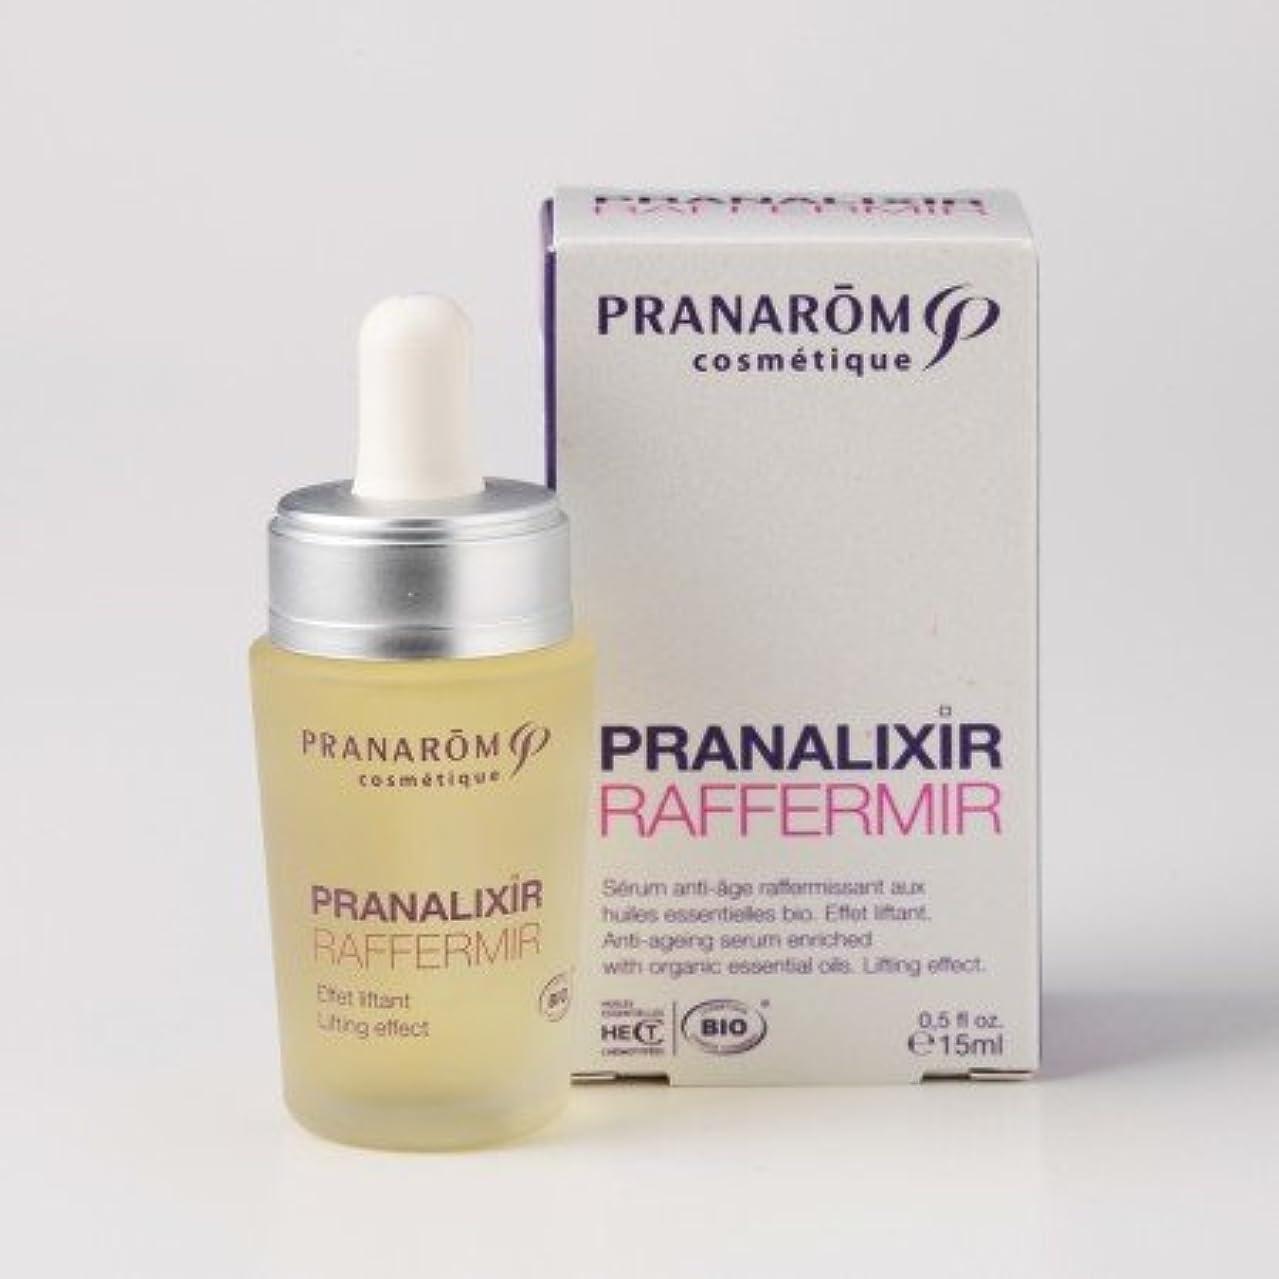 受け取る経験前進プラナロム ( PRANAROM ) 基礎化粧品 プラナリキシア?ラフェルミア 15ml 12682